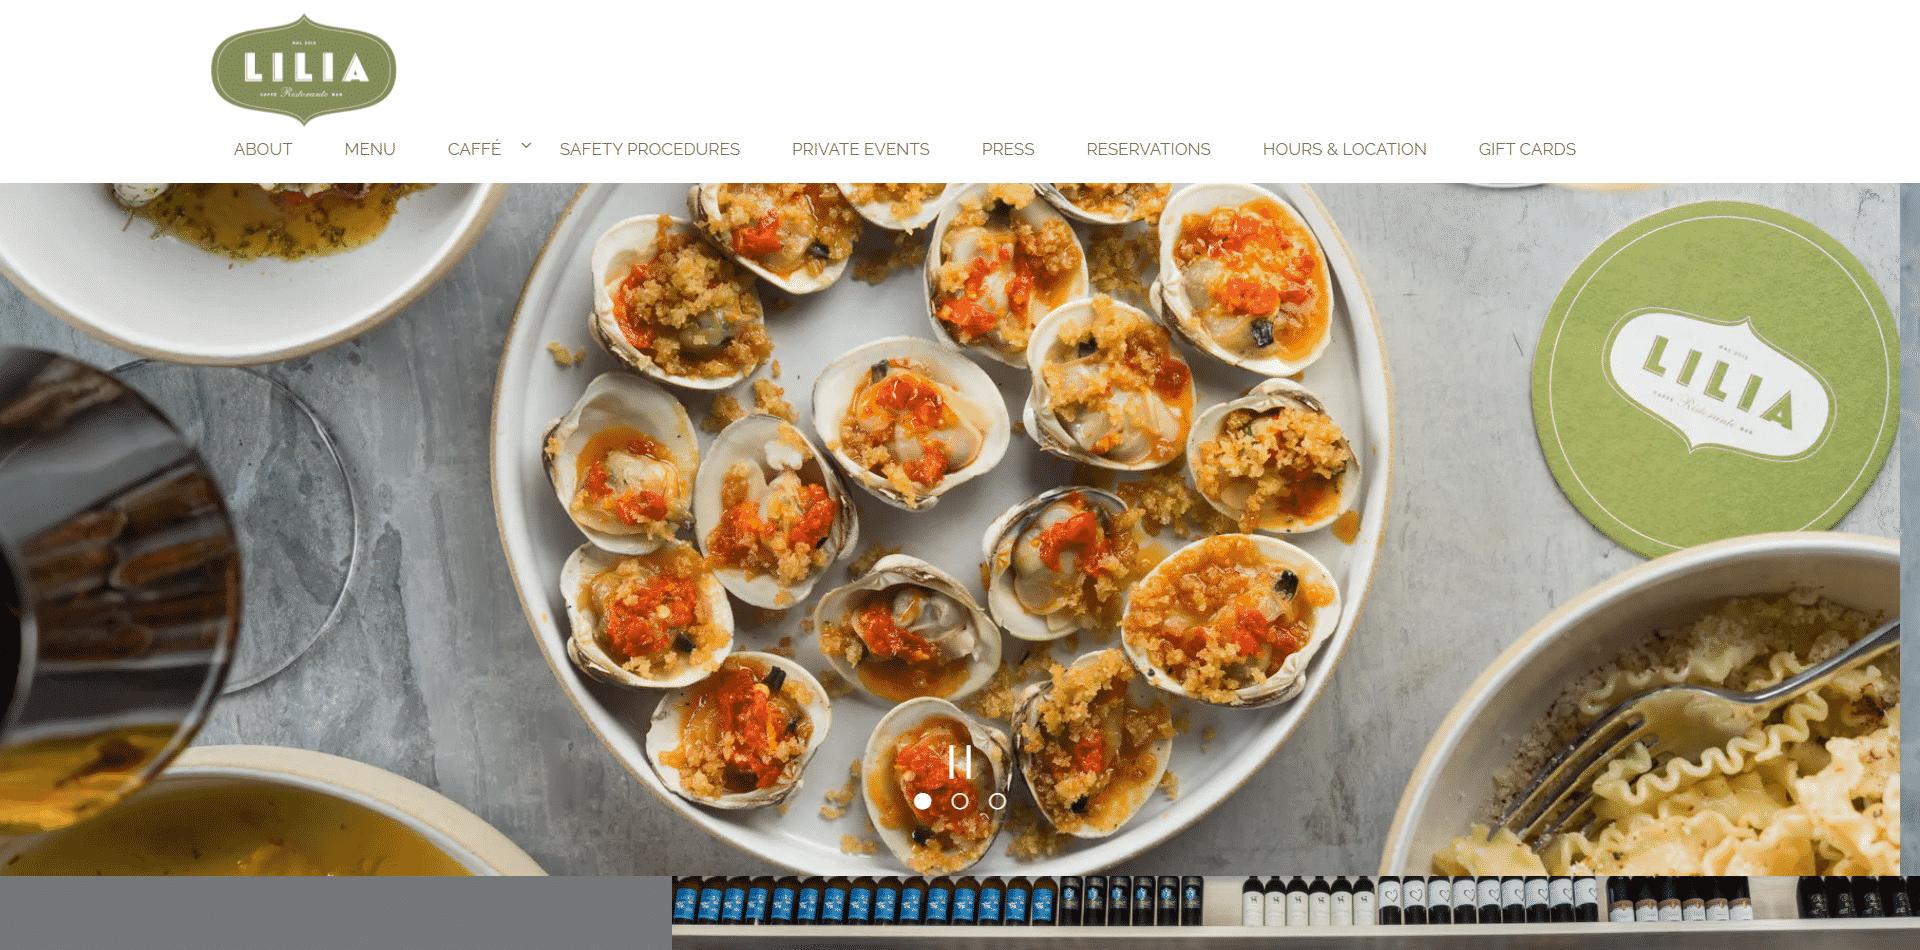 Lilia seafood cuisine